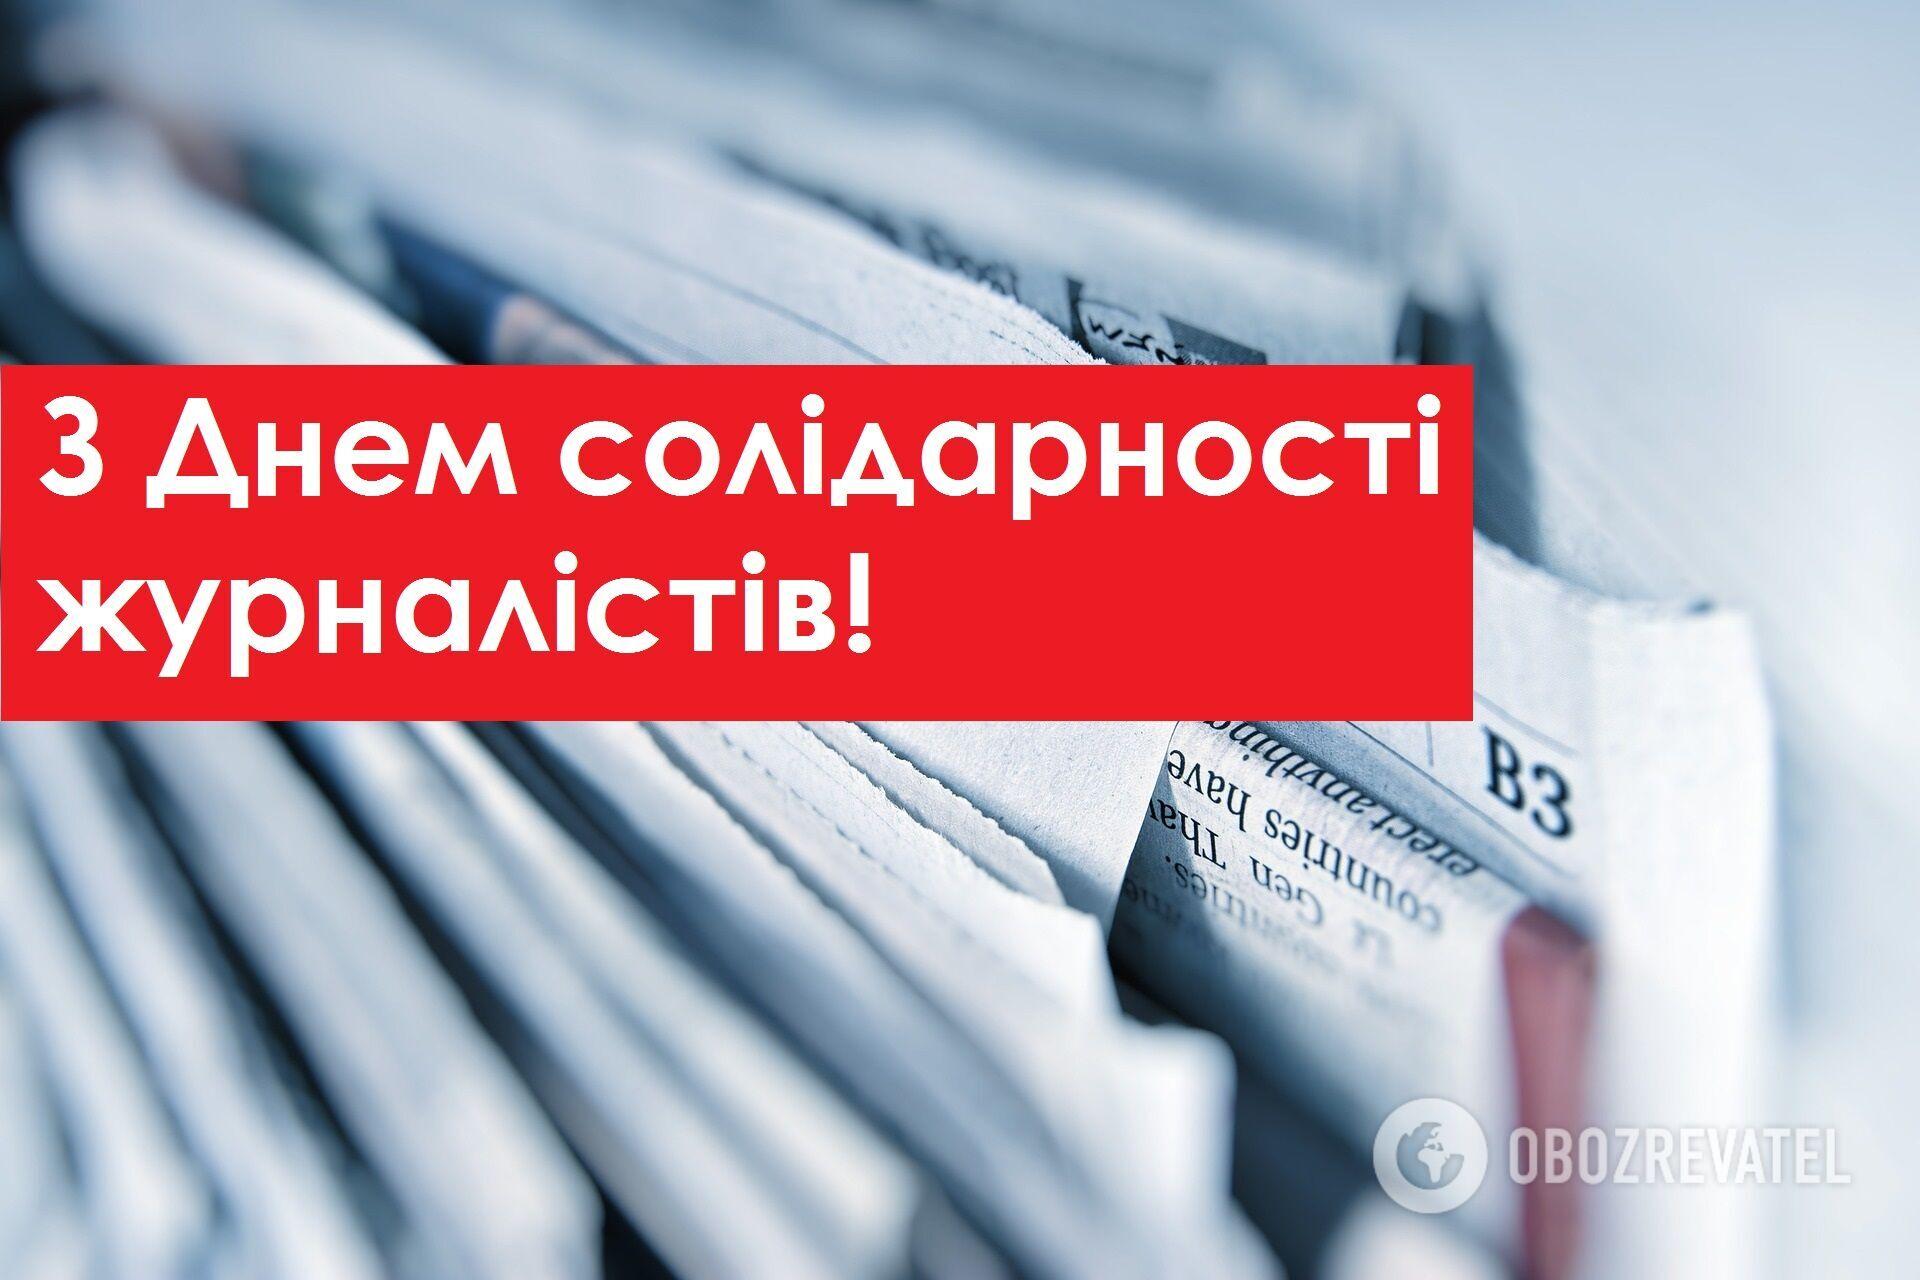 Поздравление с Днем солидарности журналистов: открытка